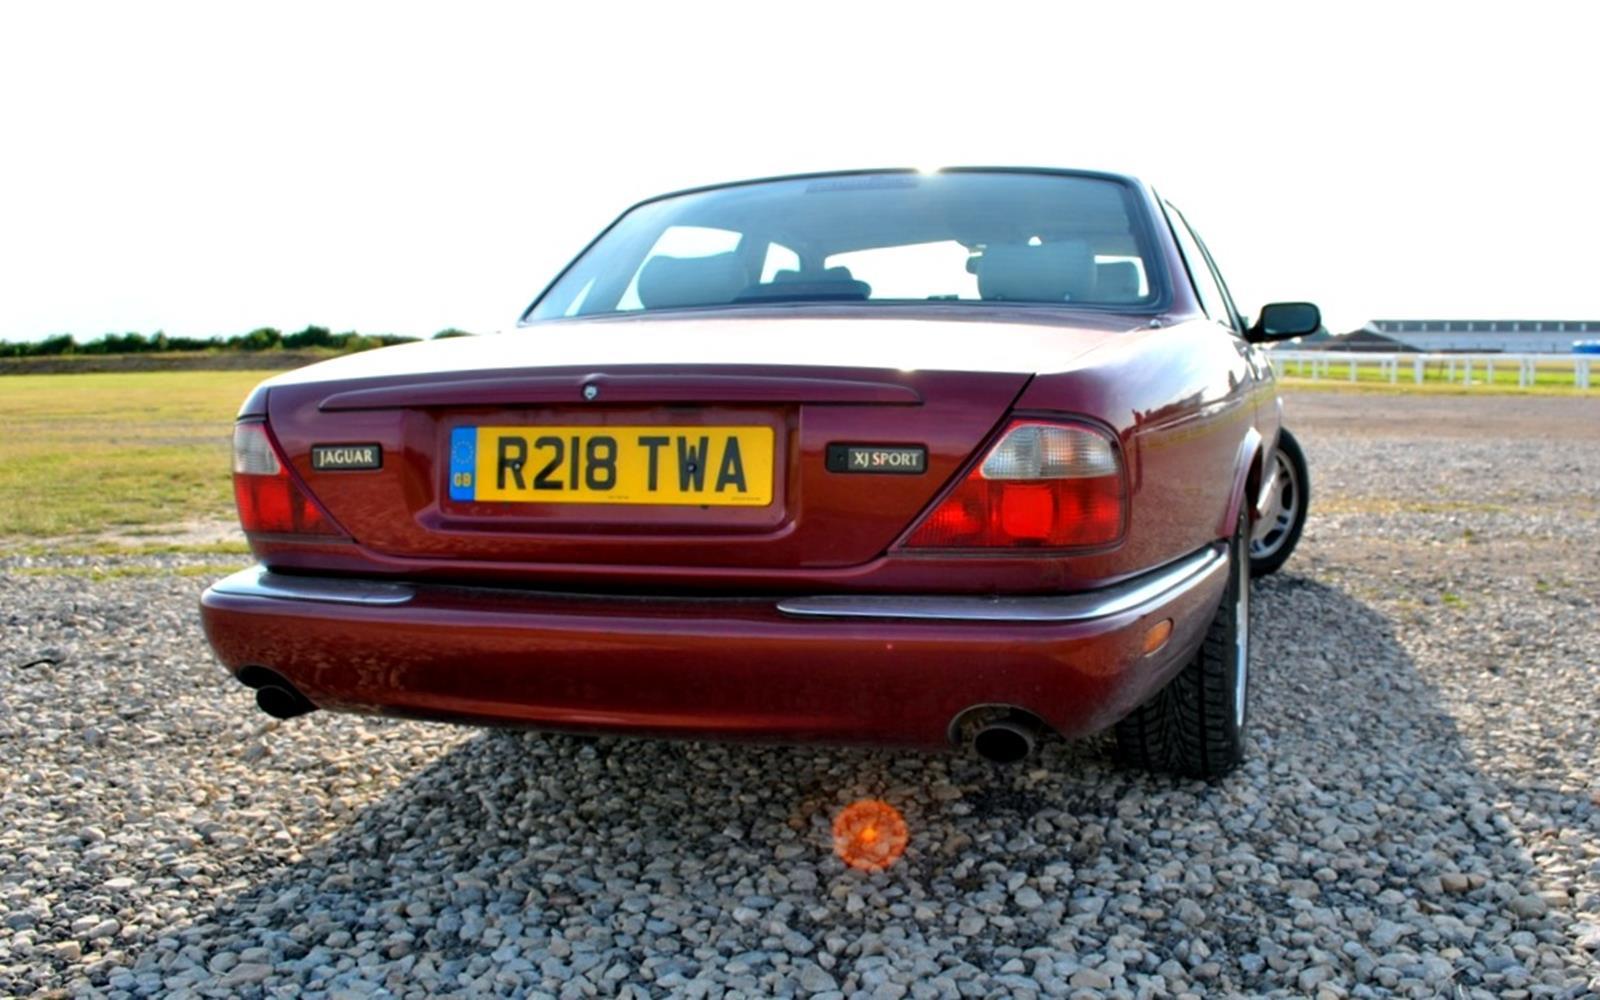 Jaguar XJ8 1998 Rear FrontSeatDriver.co.uk